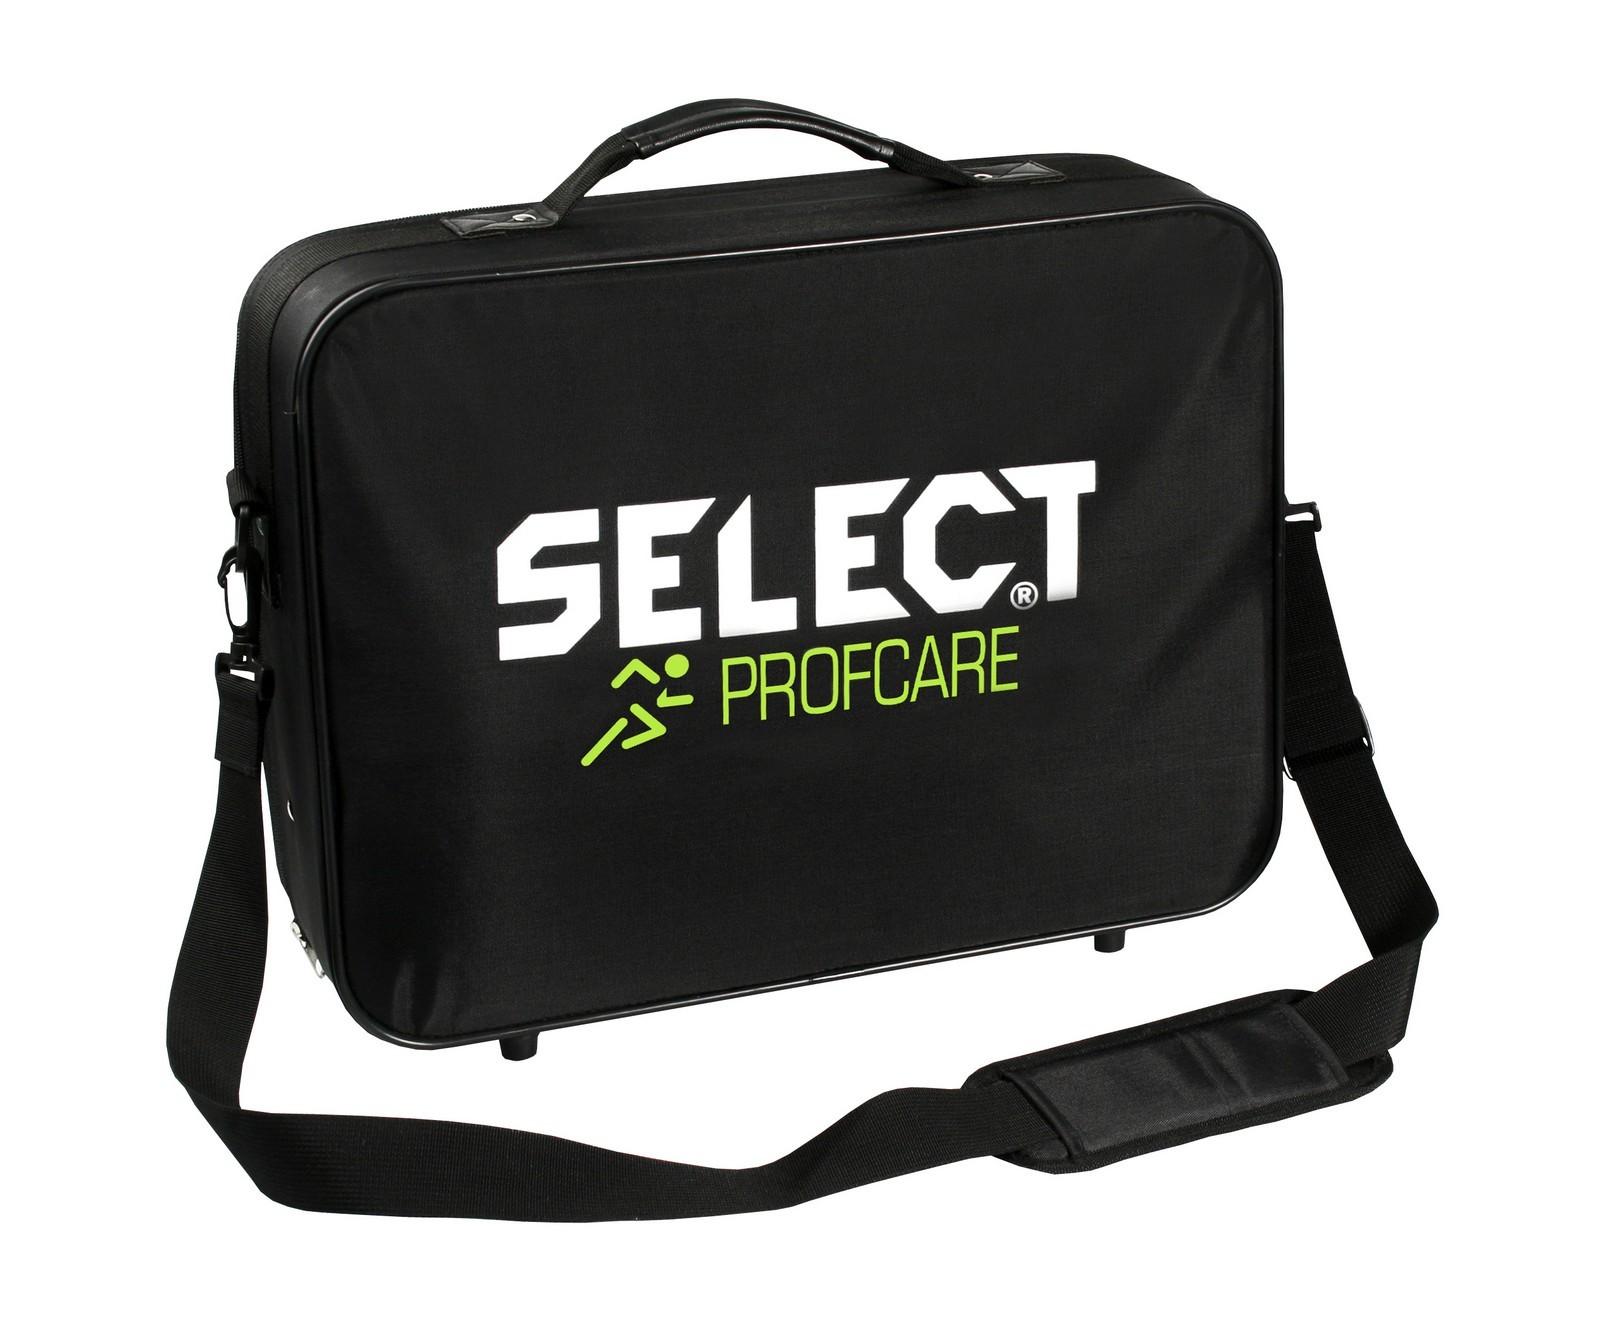 Lékařská taška Select senior s obsahem černá